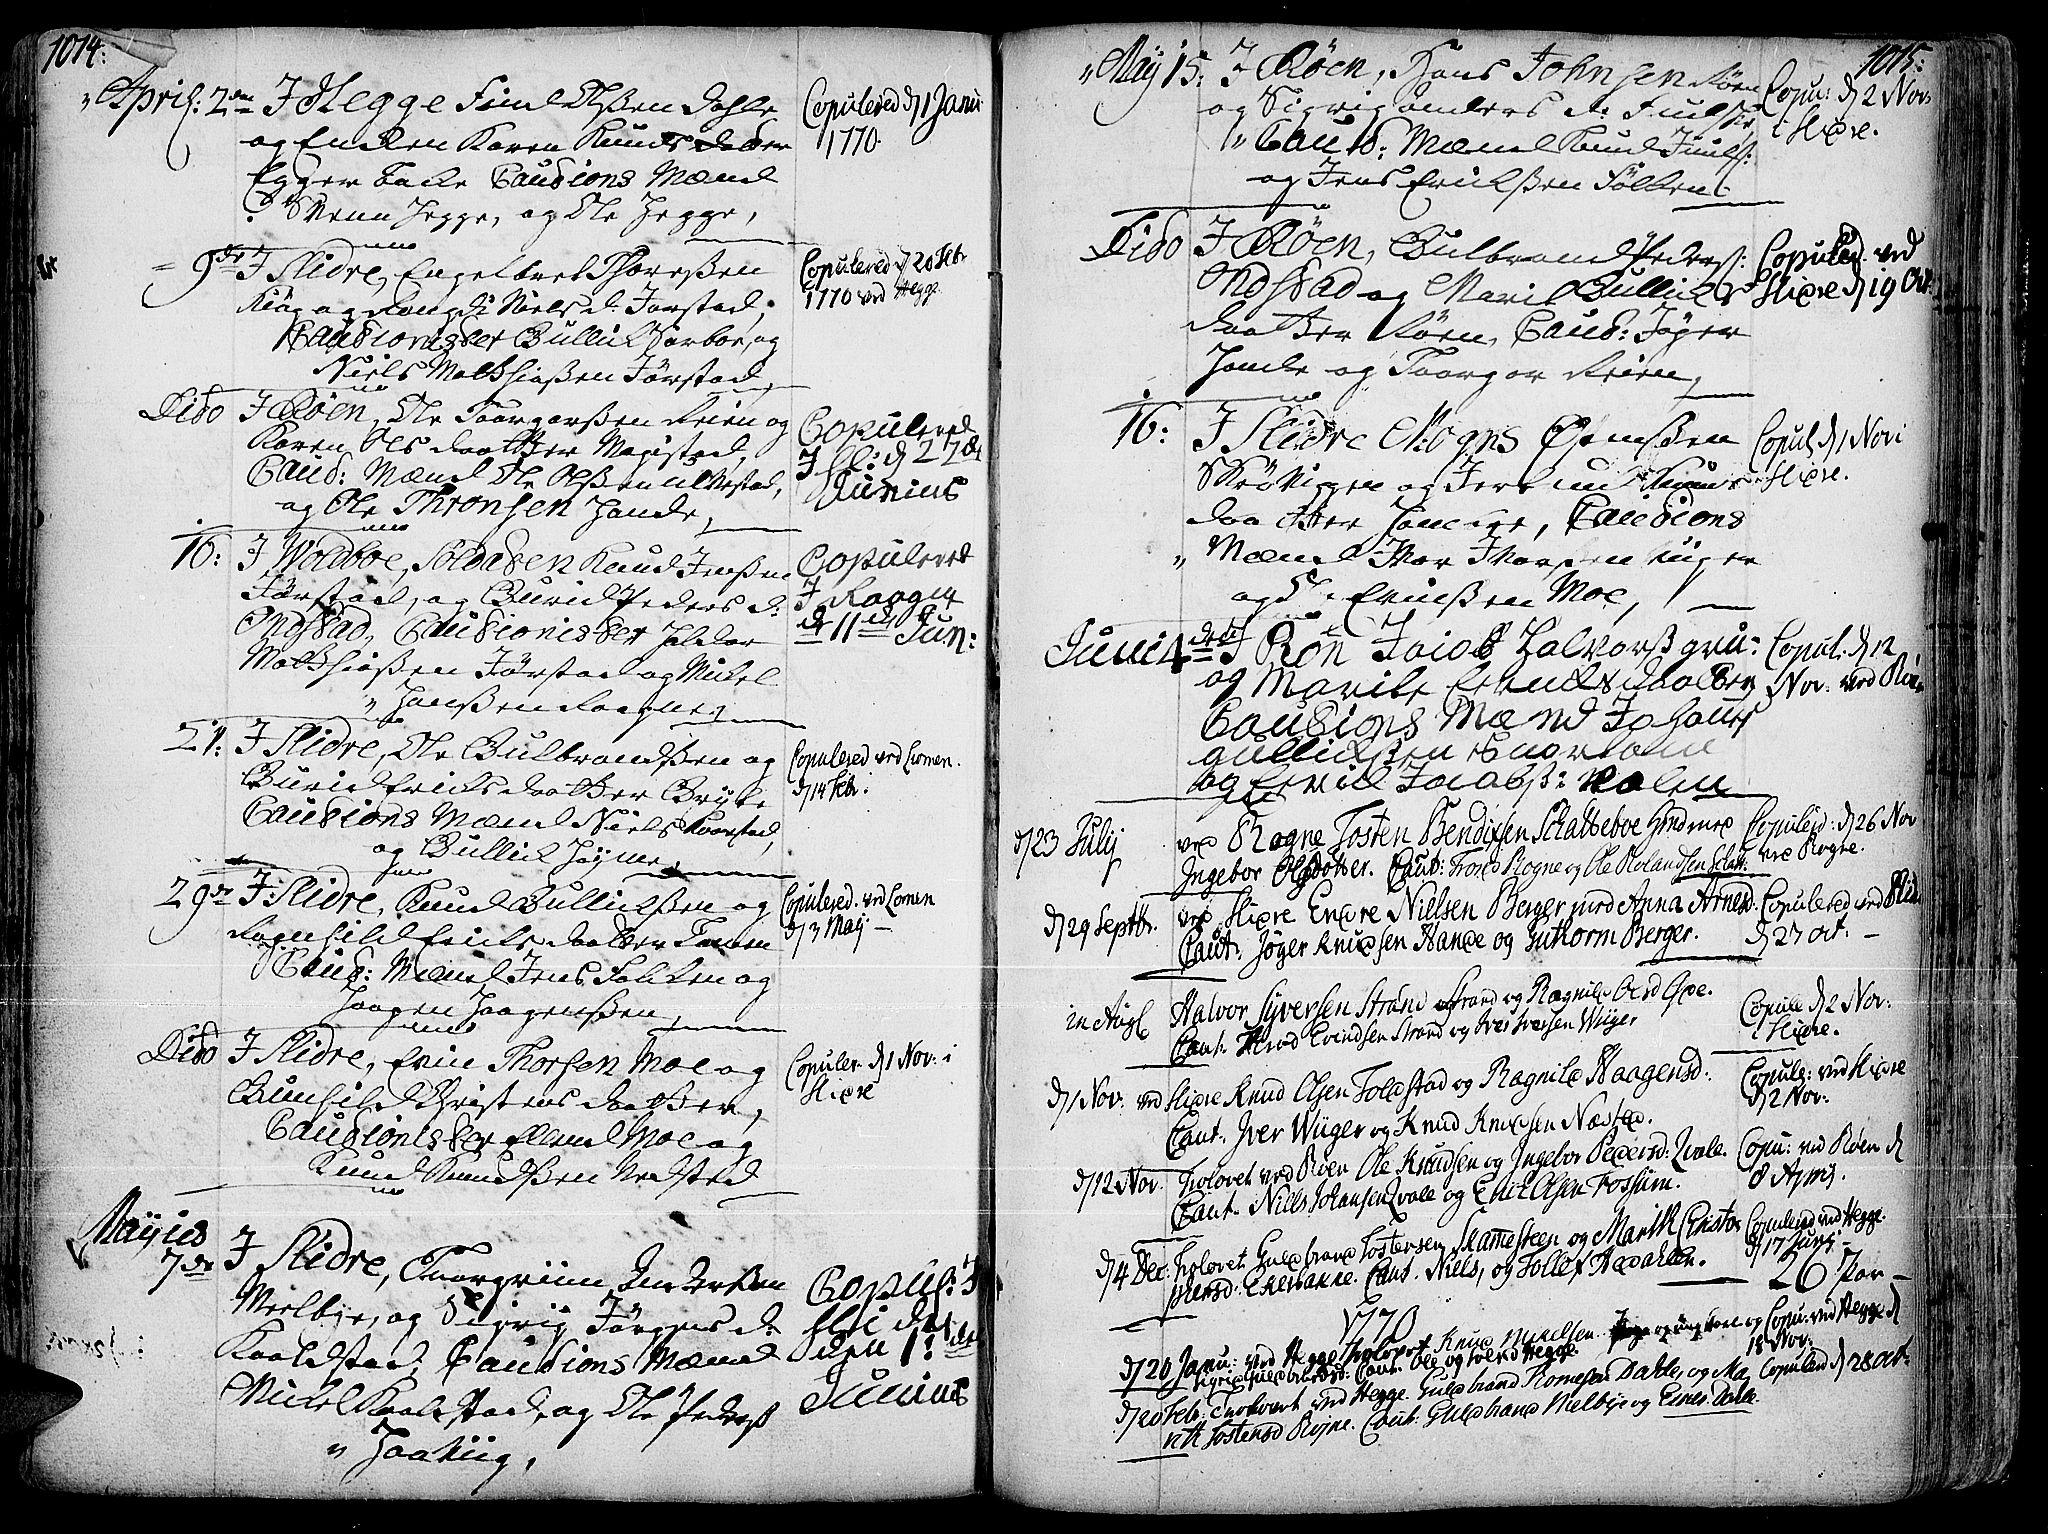 SAH, Slidre prestekontor, Ministerialbok nr. 1, 1724-1814, s. 1014-1015